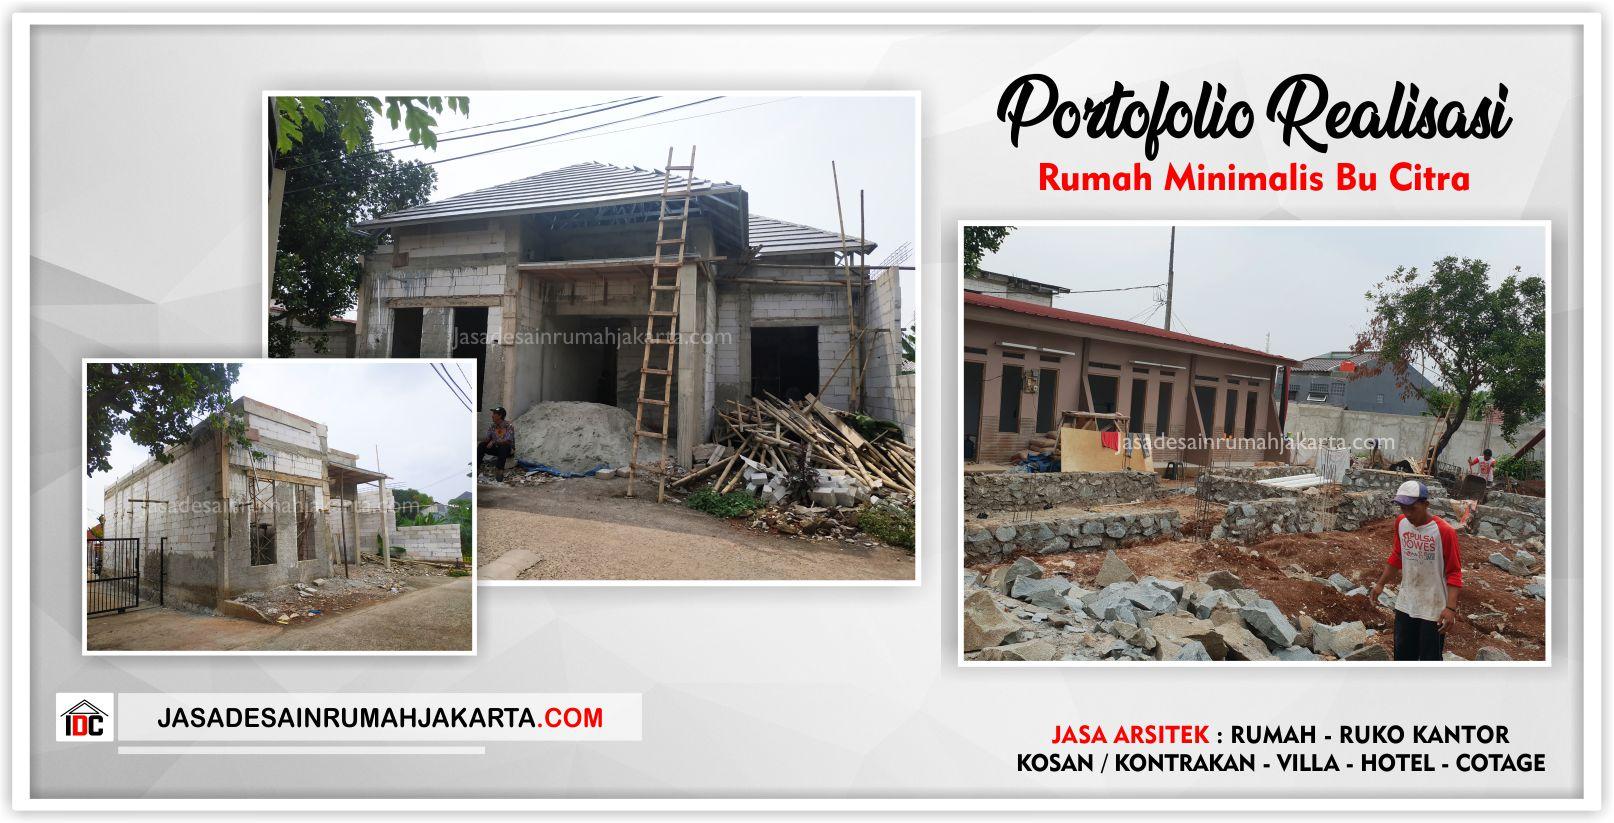 Portofolio Realisasi Bangun Rumah Bu Citra - Arsitek Gambar Desain Rumah Klasik Modern Di Jakarta-Bekasi-Surabaya-Tangerang-Bandung-Jasa Konsultan Desain Arsitek Profesional